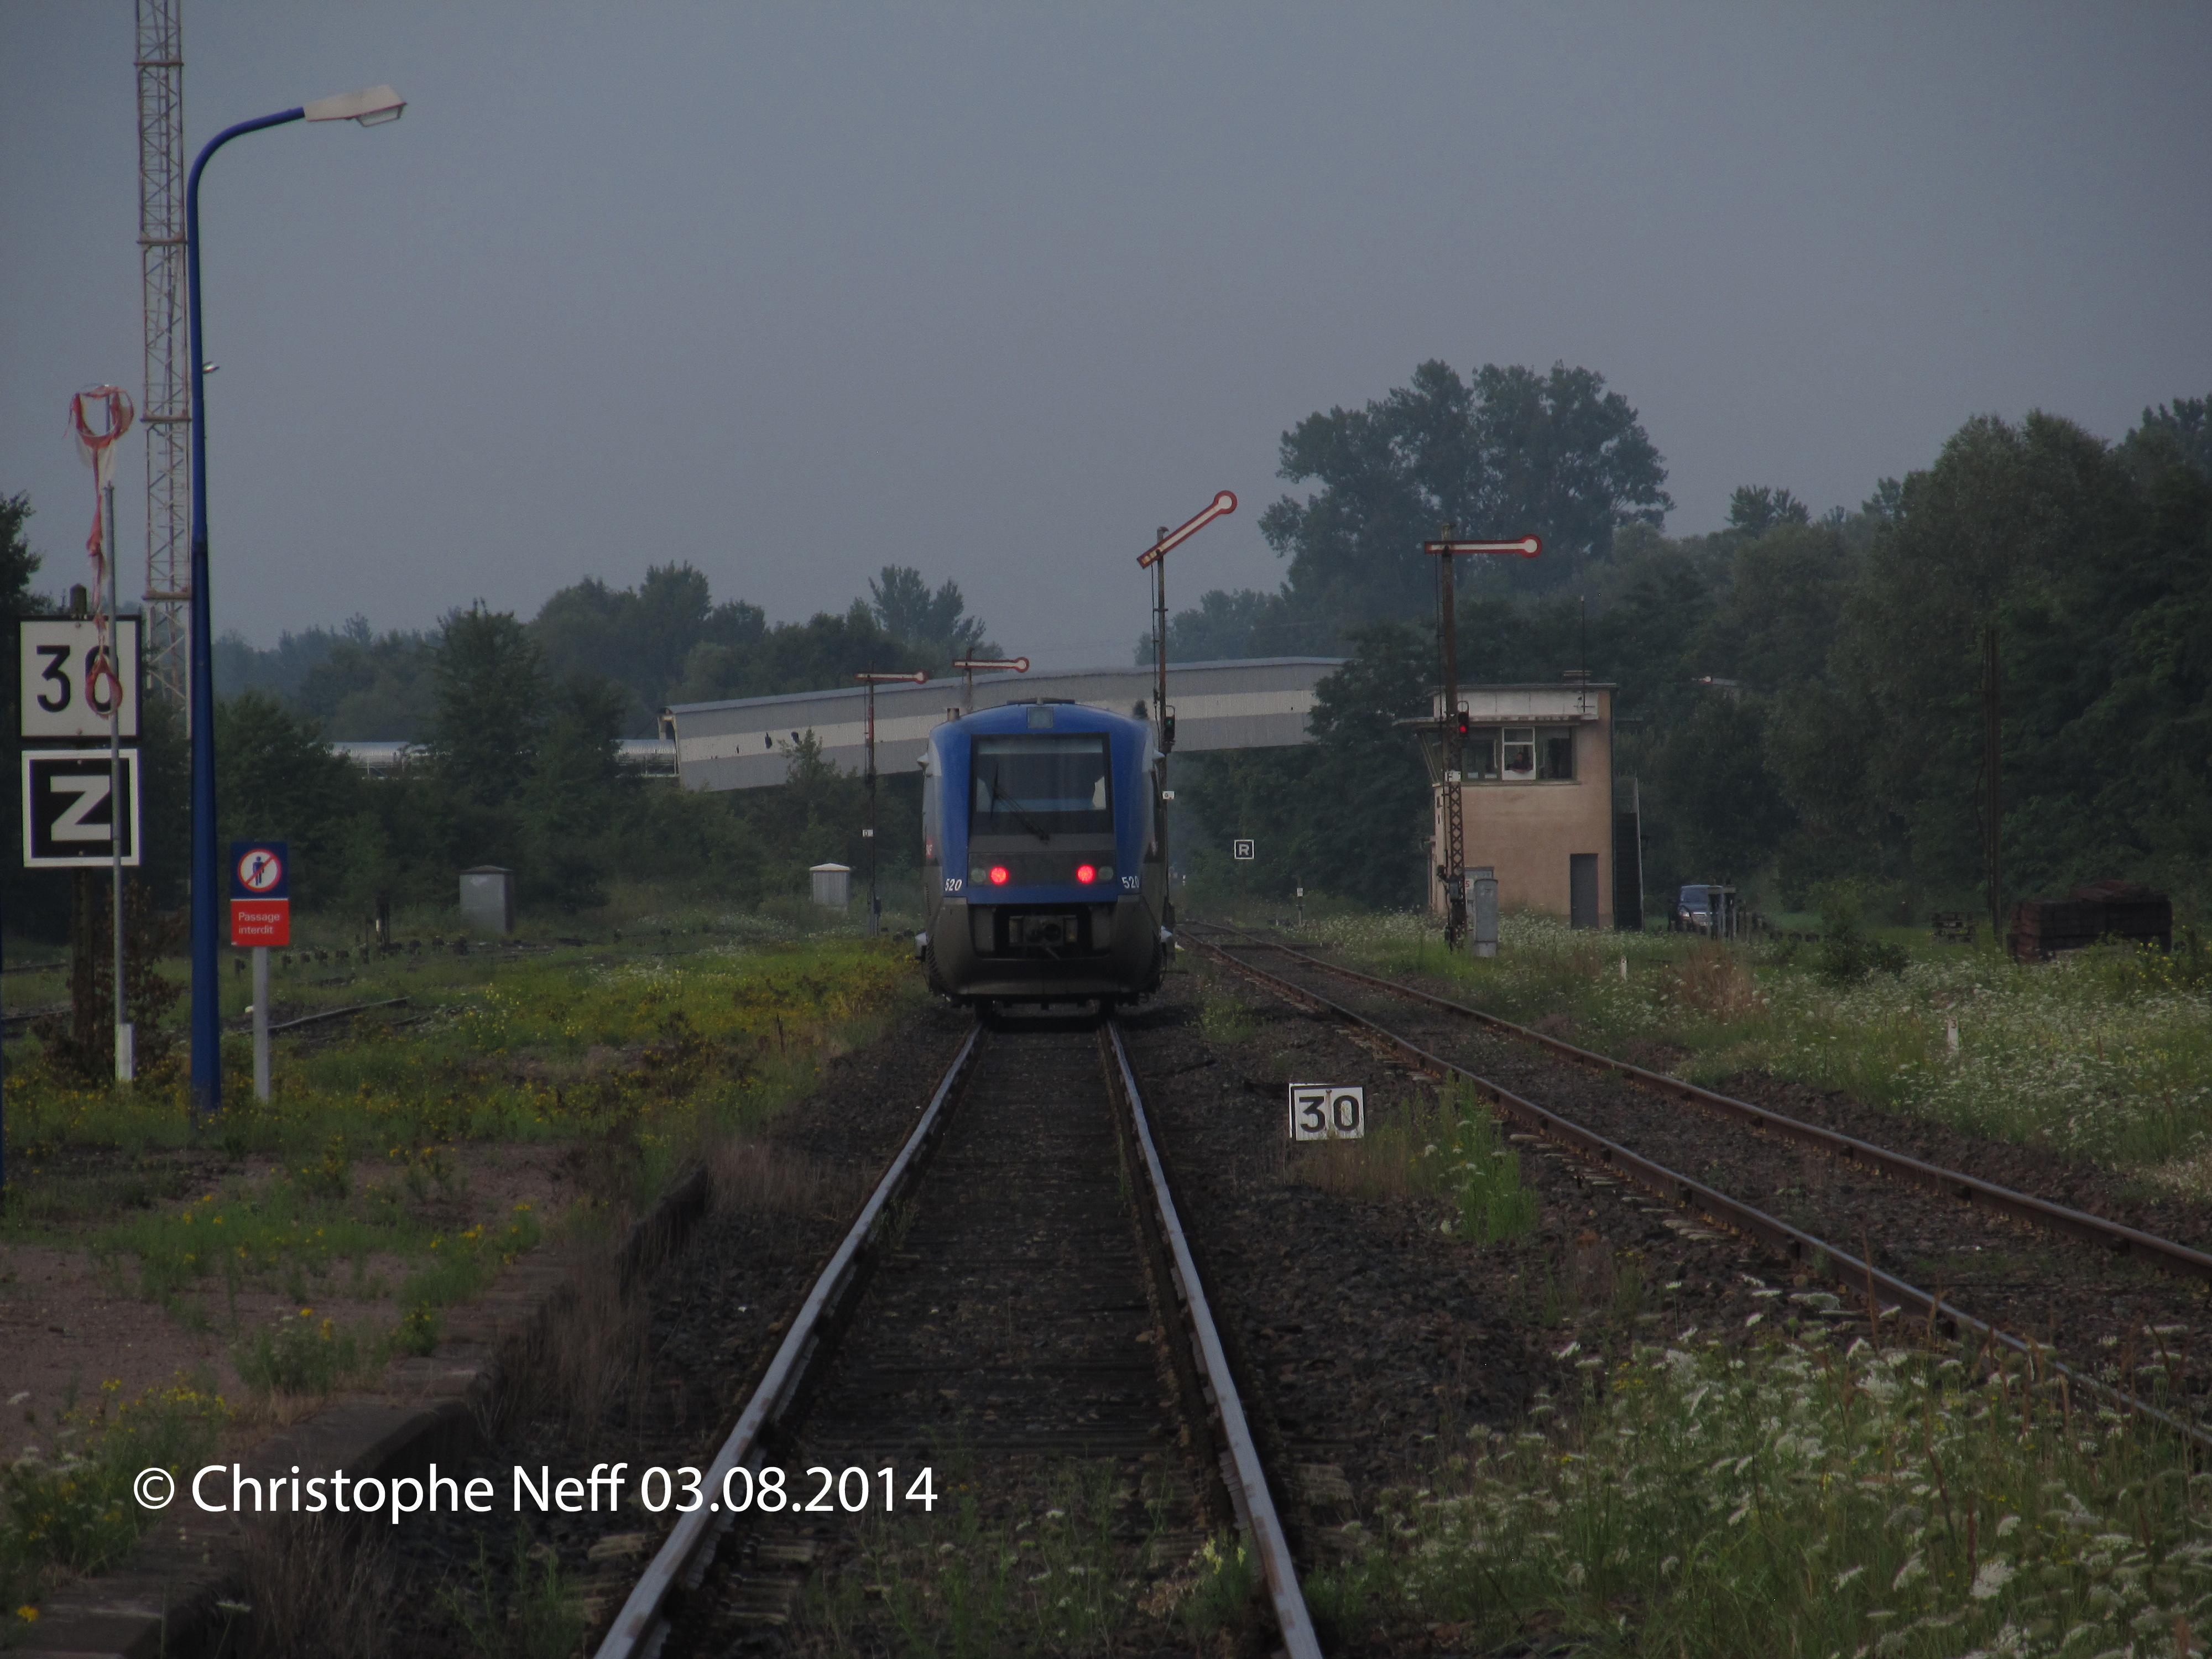 03.08.2014 Lauterbourg Gare le X73520 file vers Strasbourg